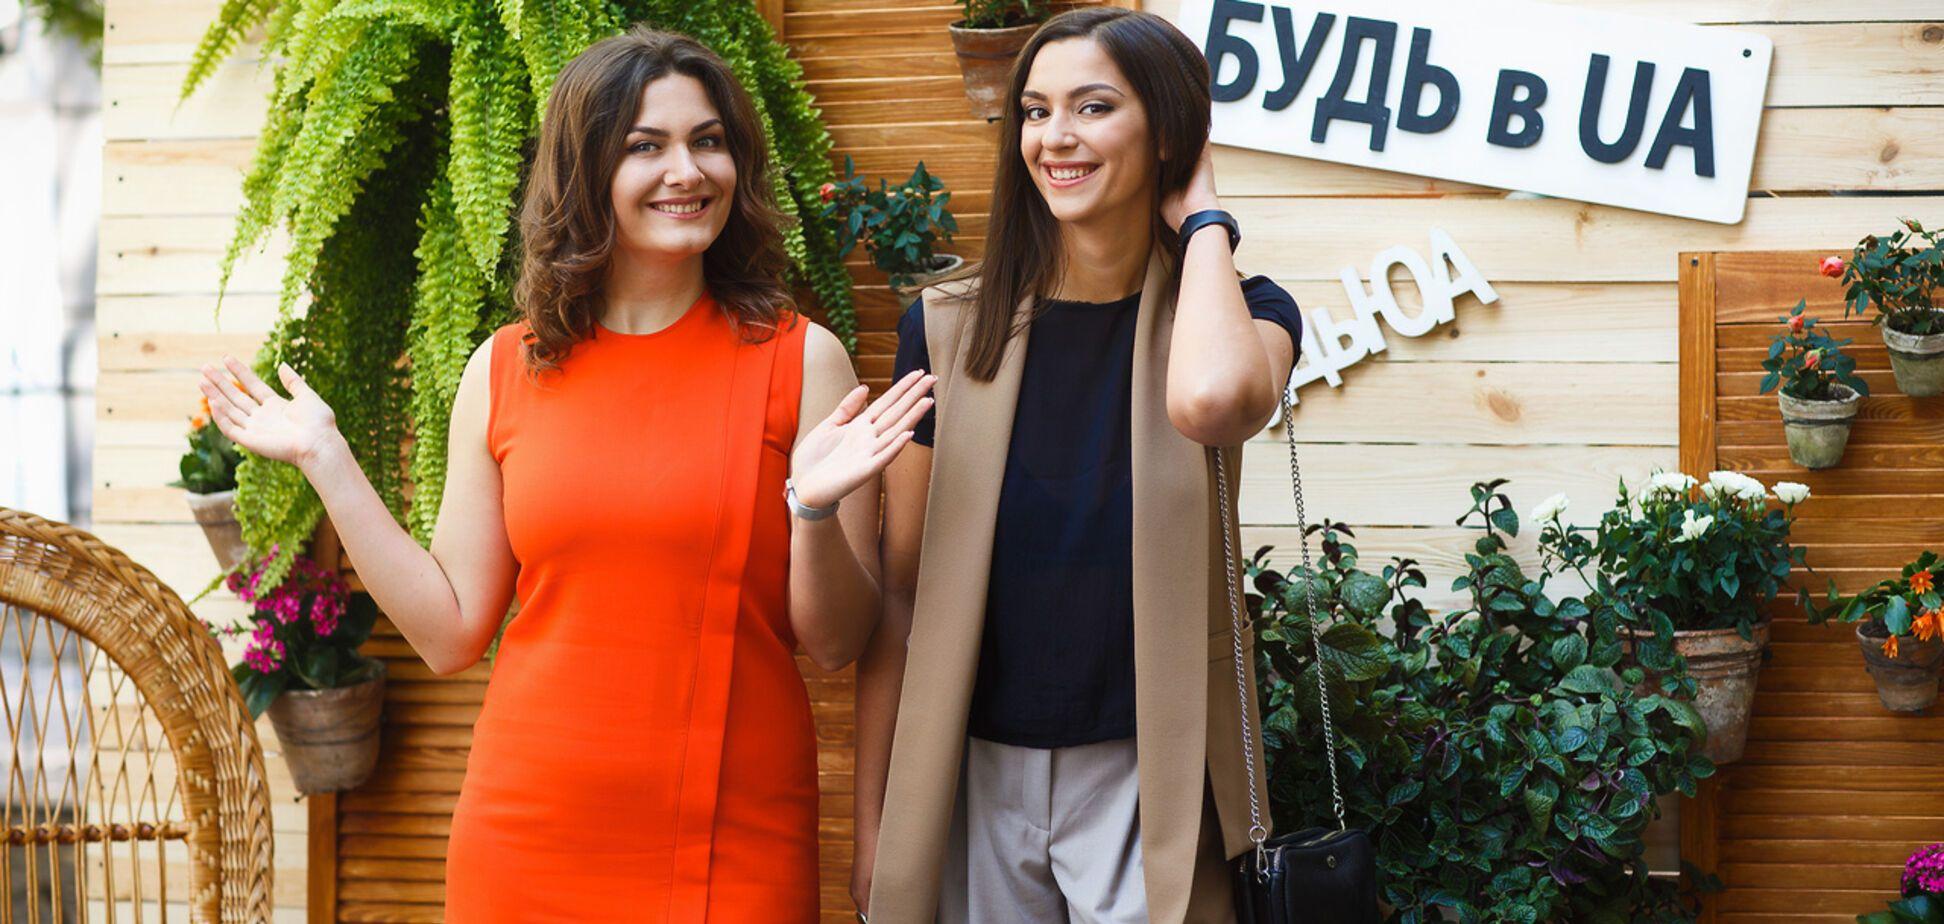 Могли уехать, но остались: как две подруги выбрали Украину и не прогадали